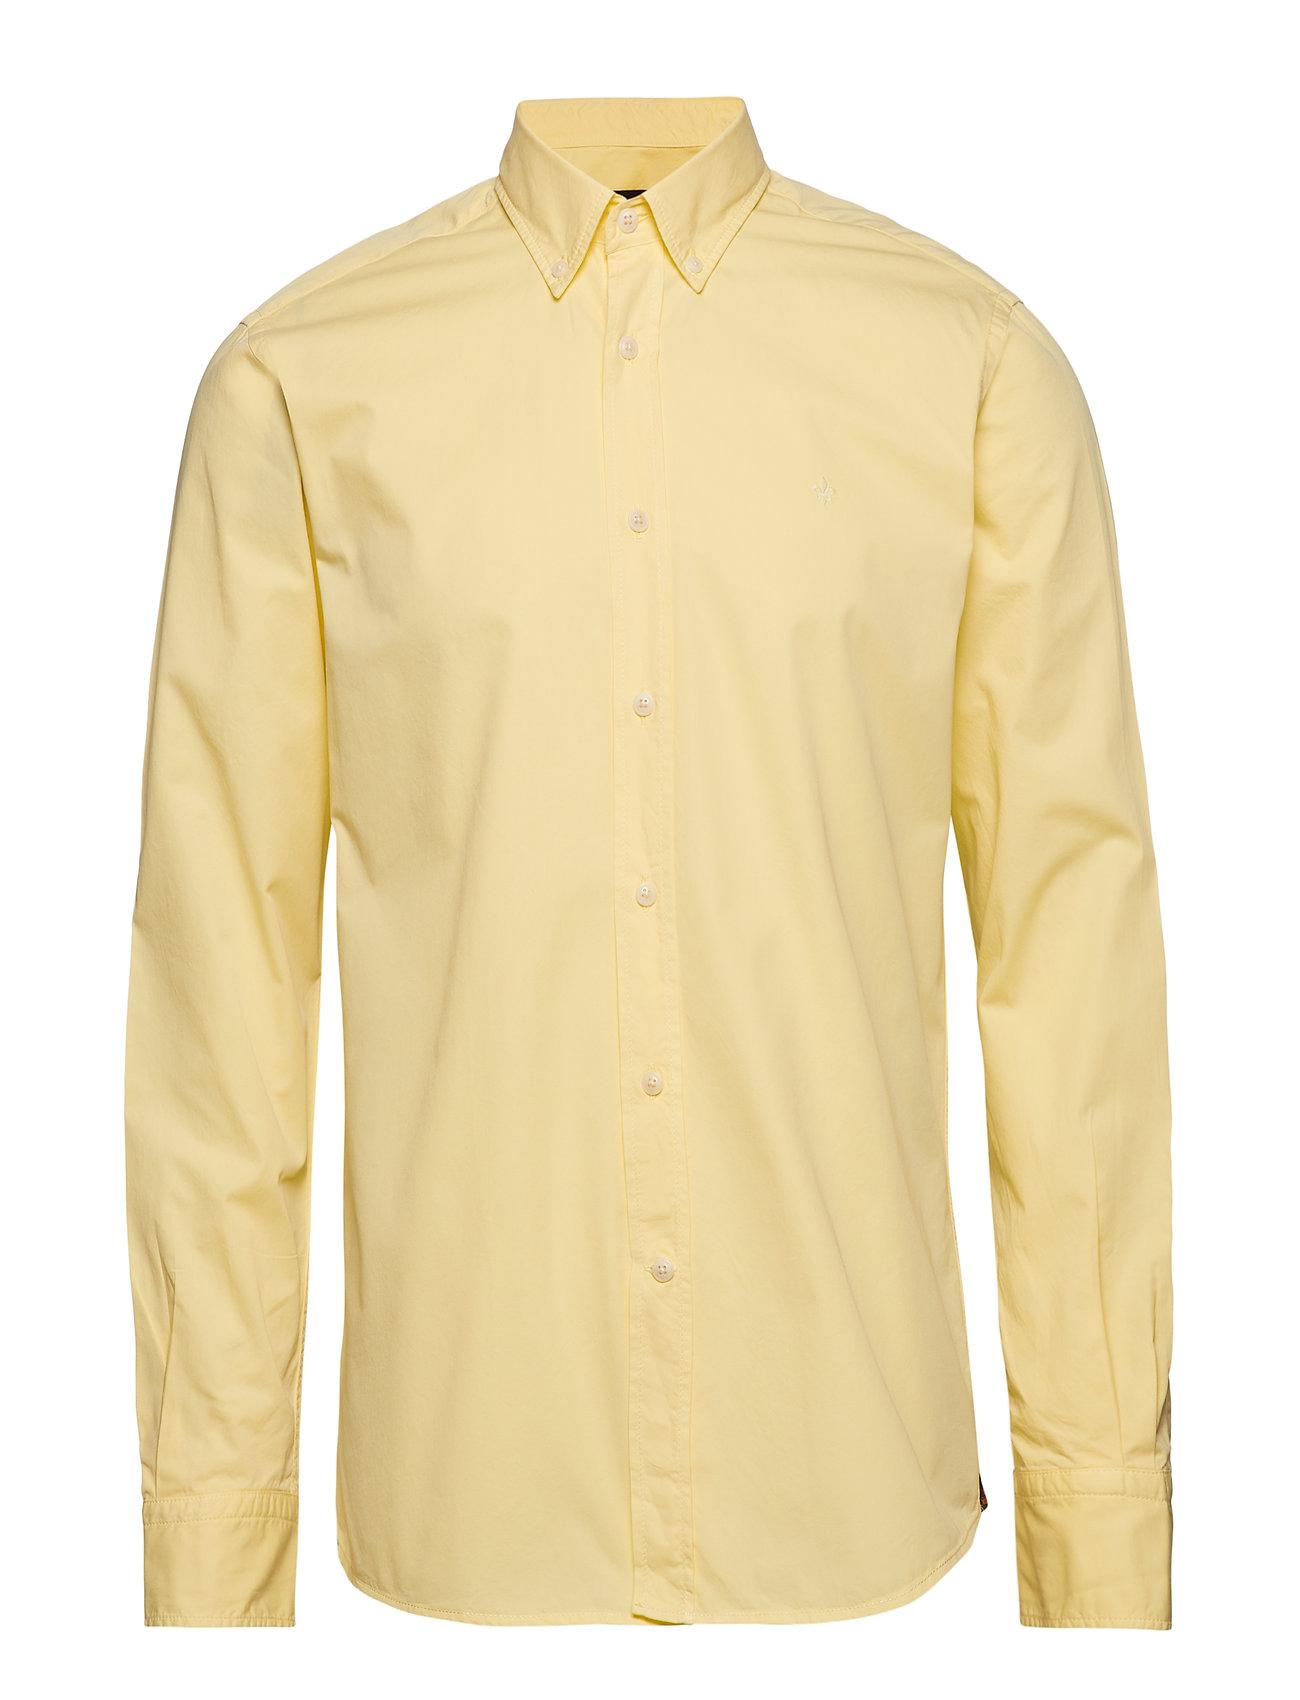 Morris Kane Button Down Shirt - YELLOW